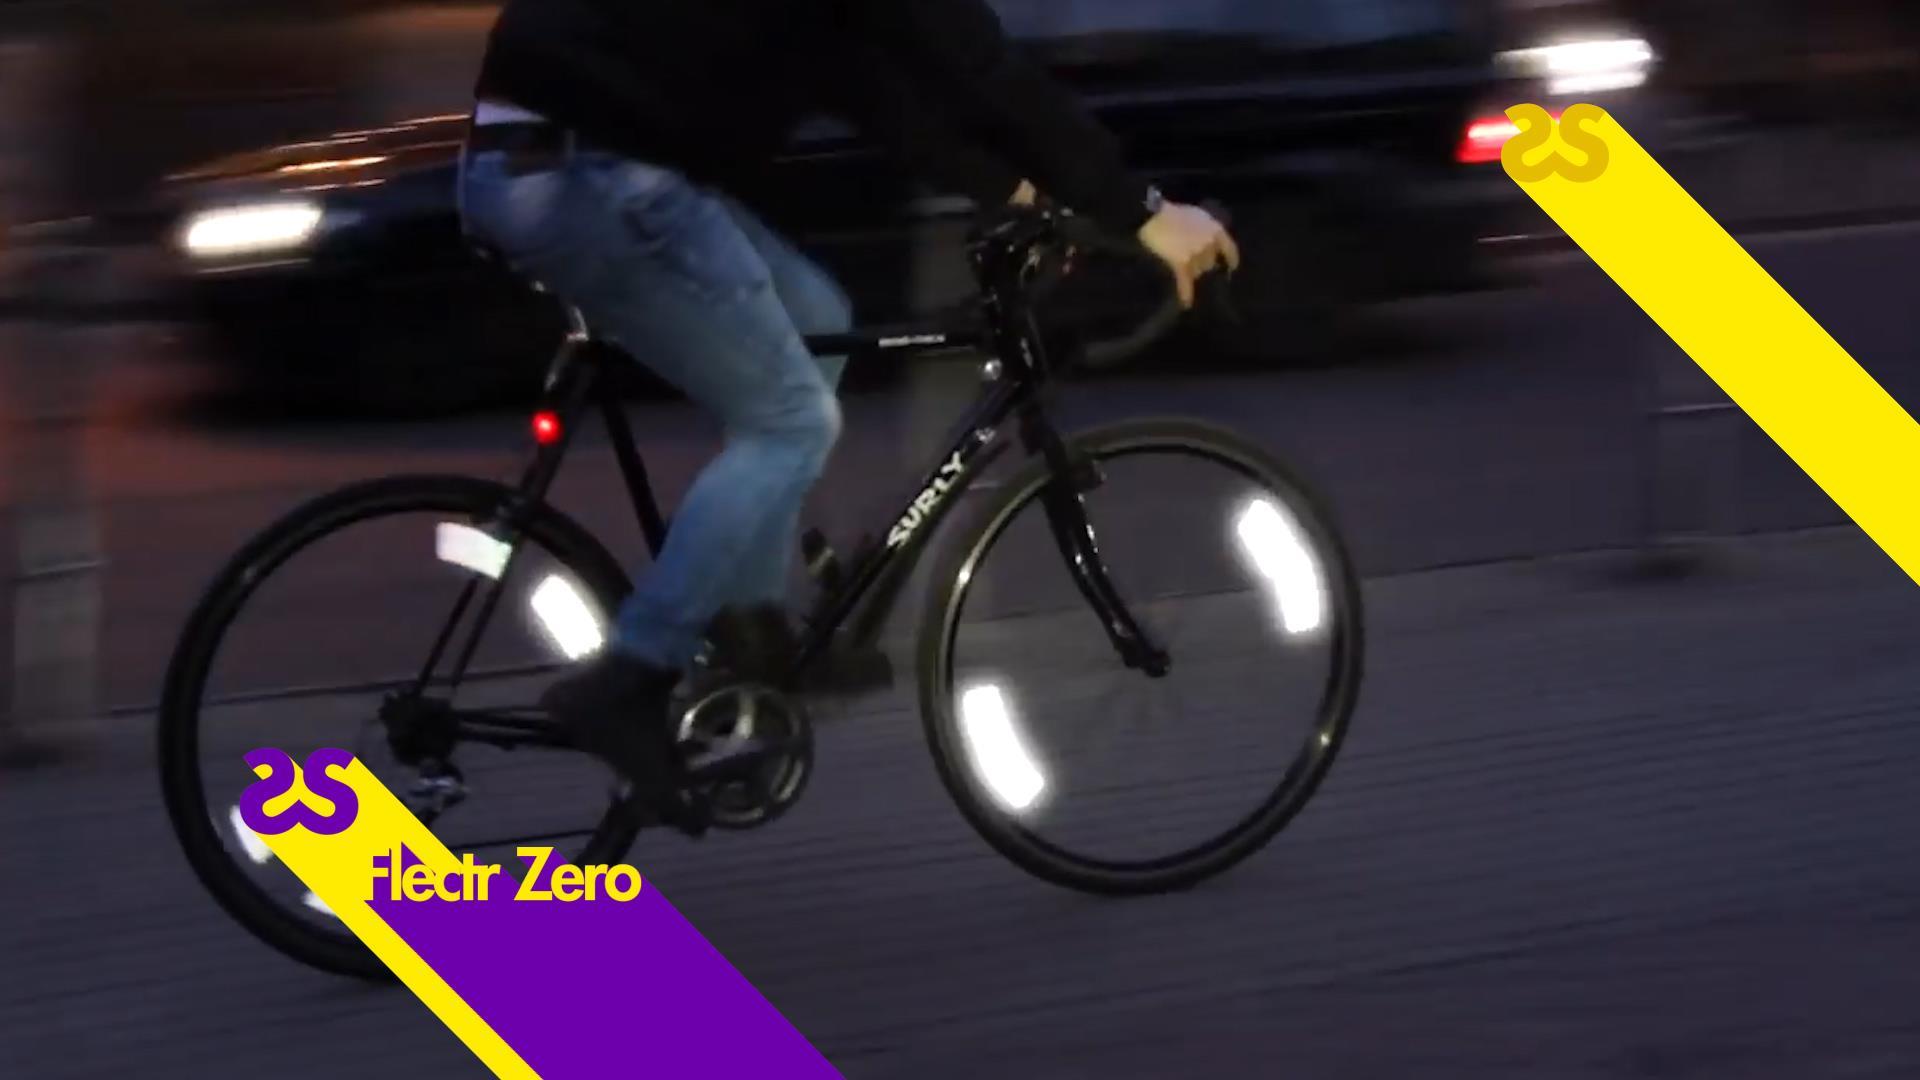 5 migliori accessori e gadget per la bici - Flectr Zero